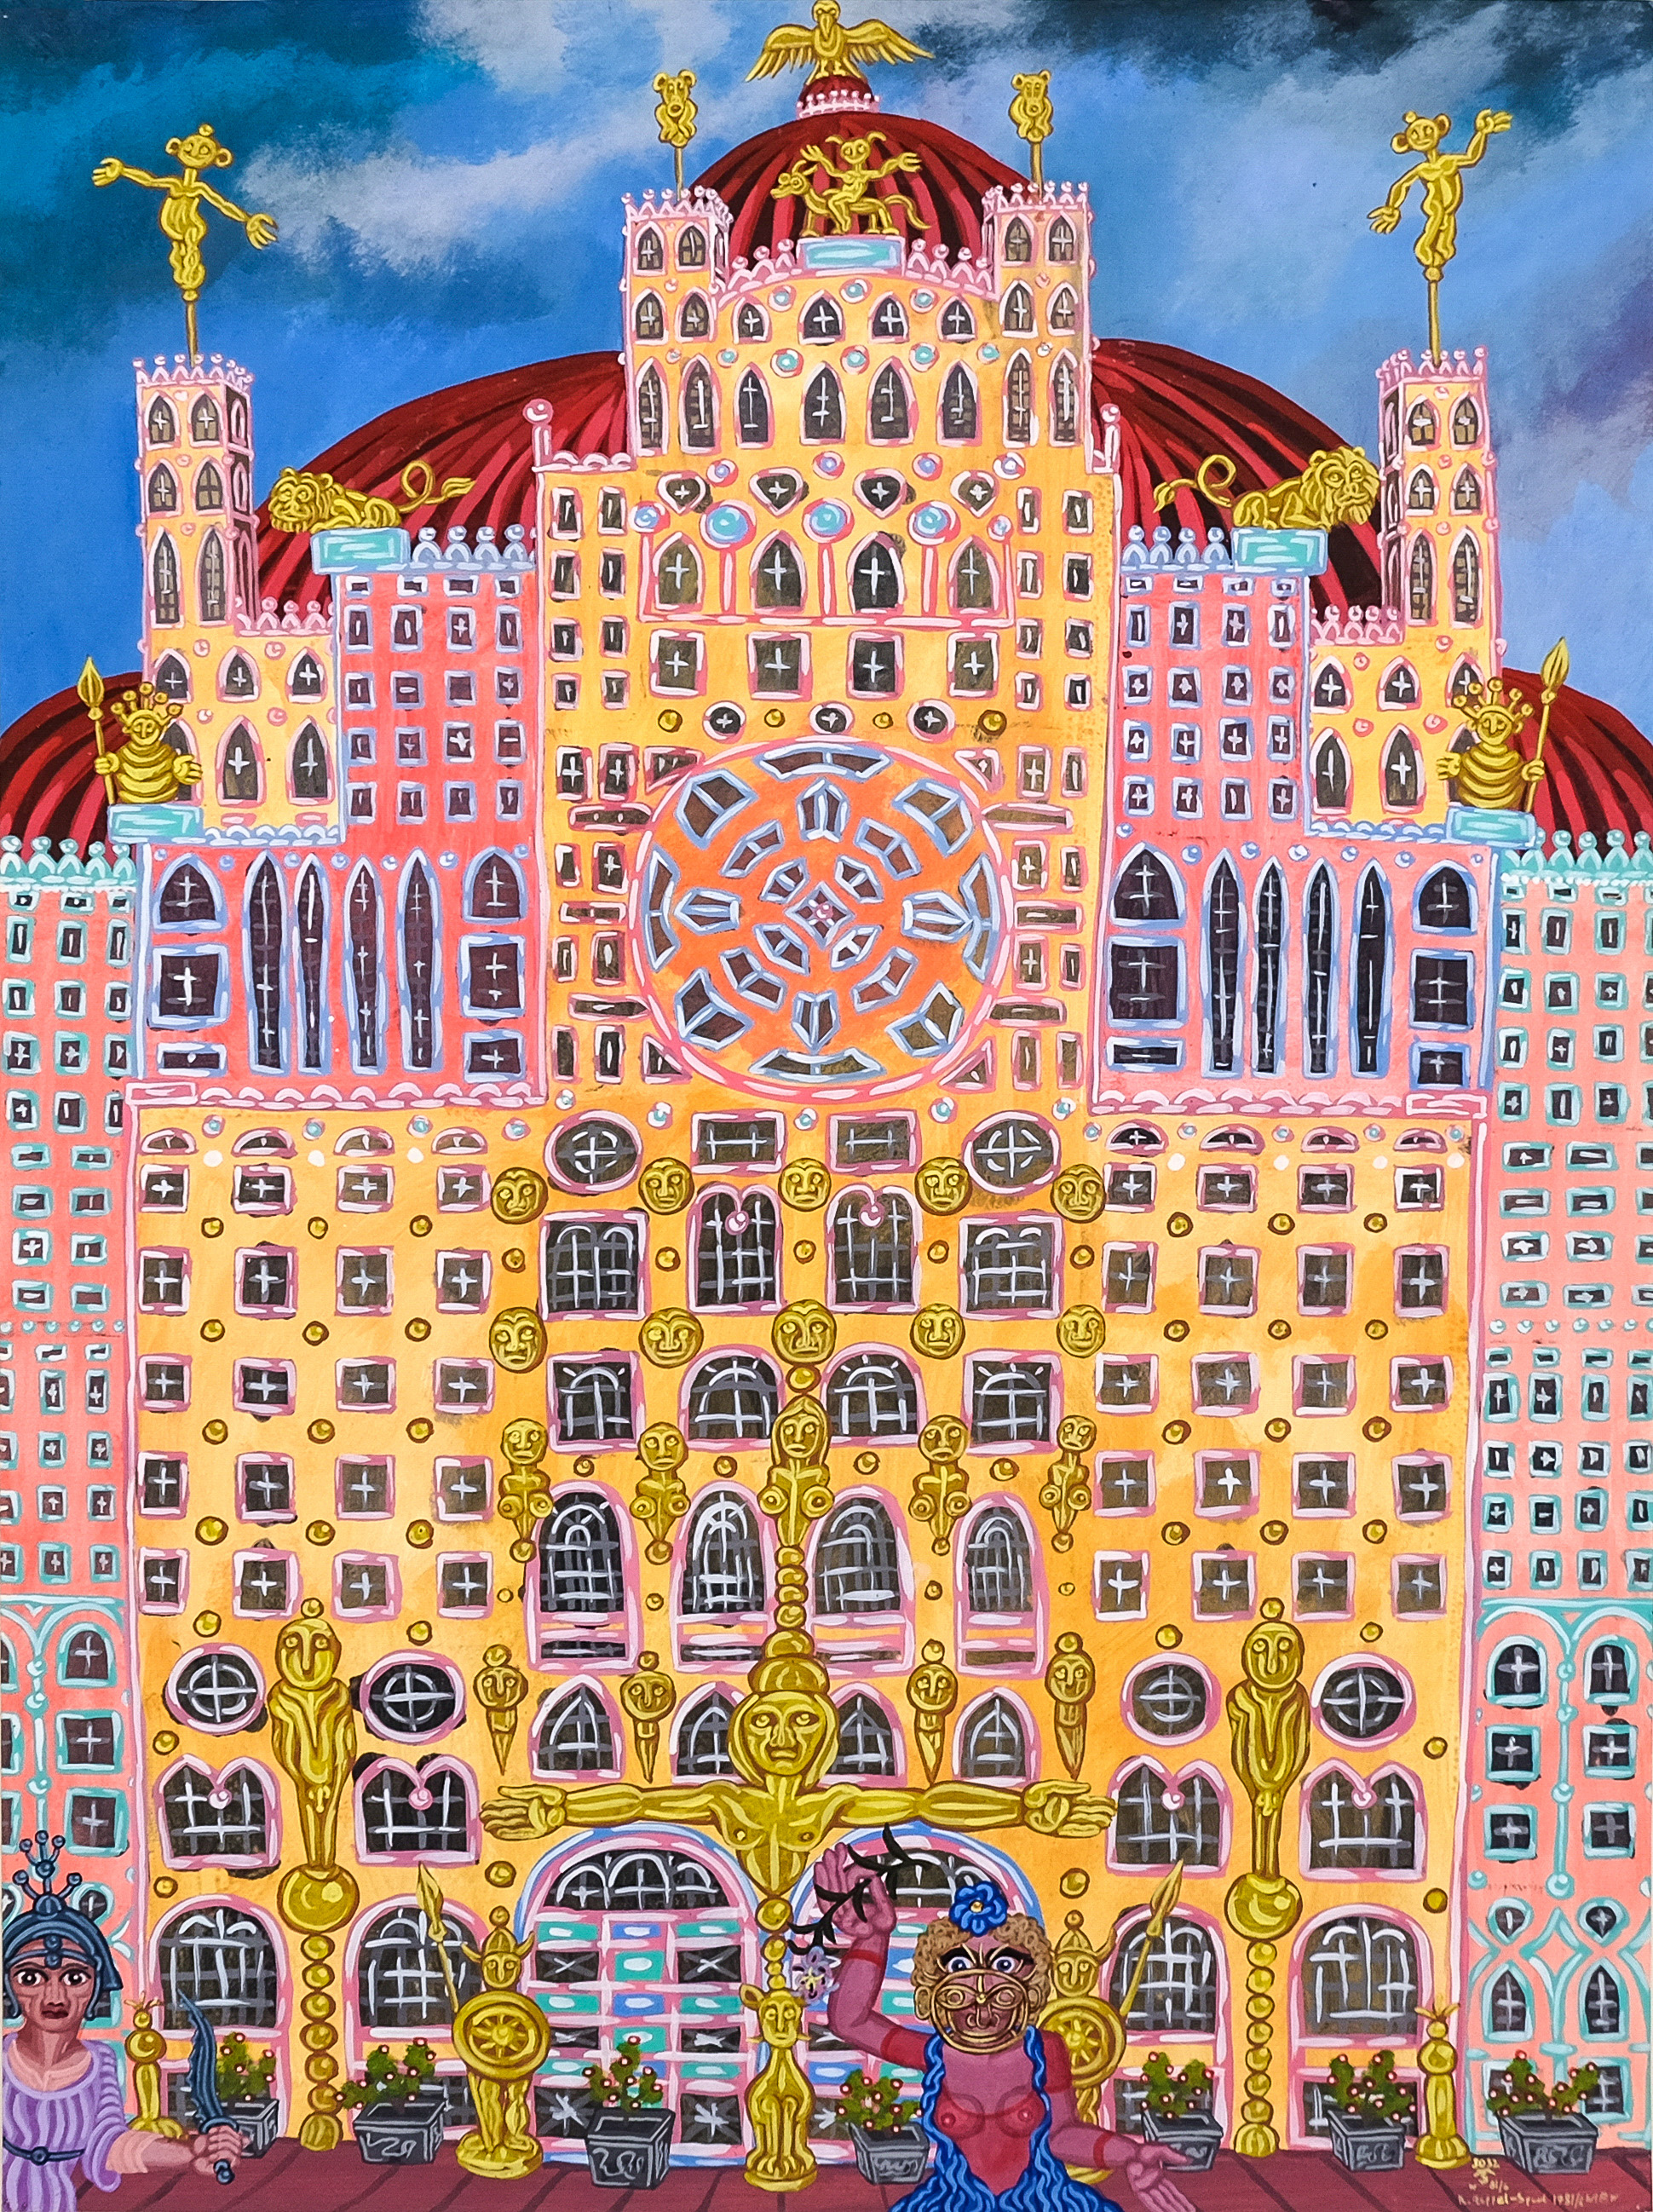 Robert Zeppel-Sperl, Palast der Sinne